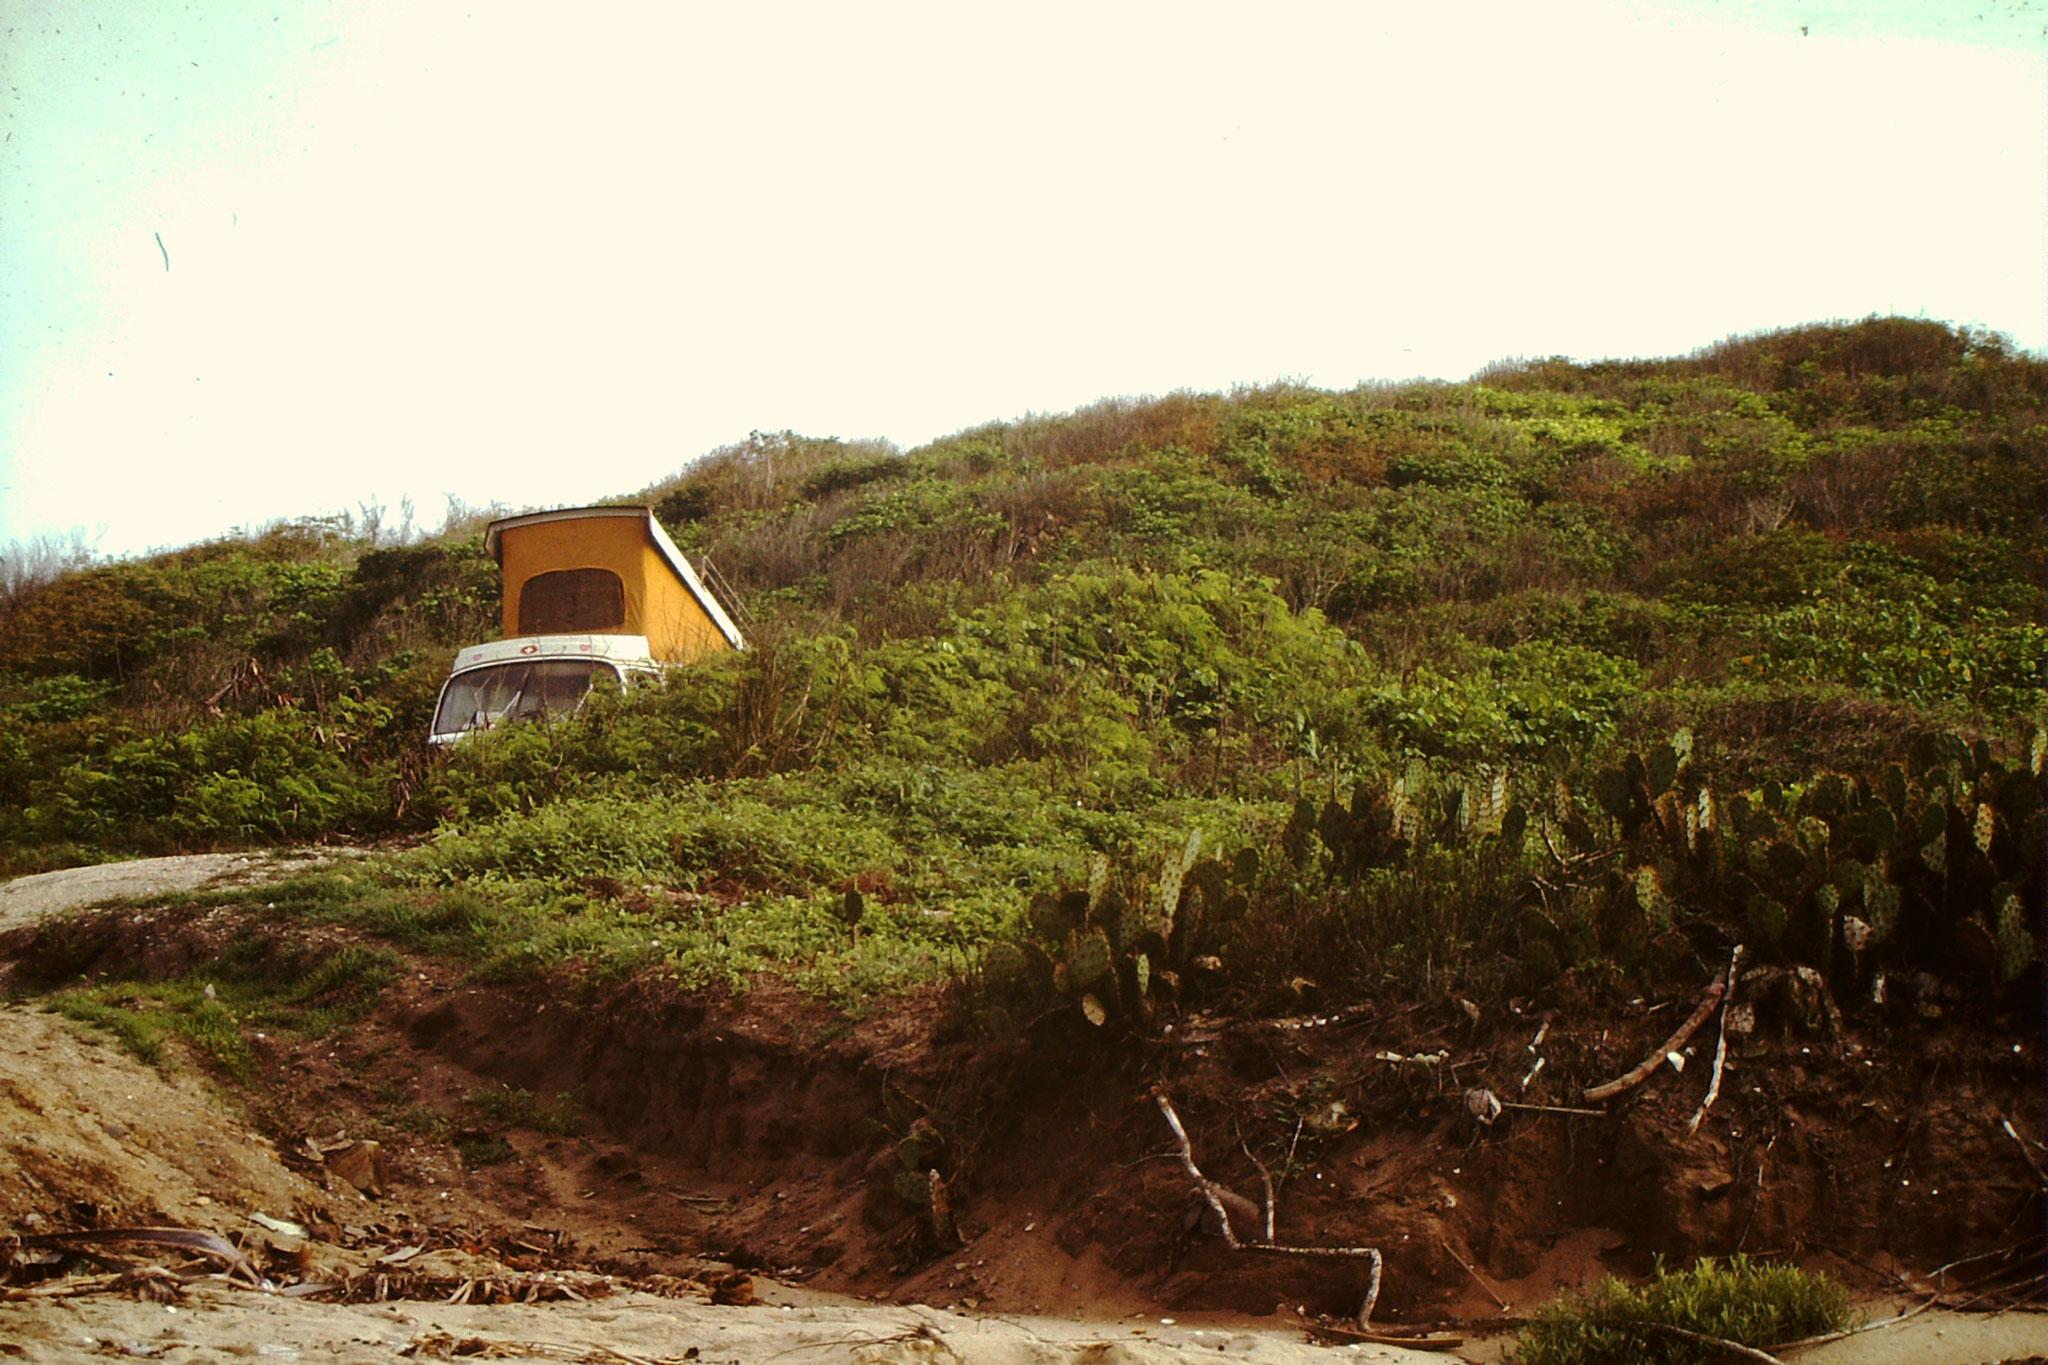 Camping zwischen Kakteen in Saltpond in der nähe von Dixcove.